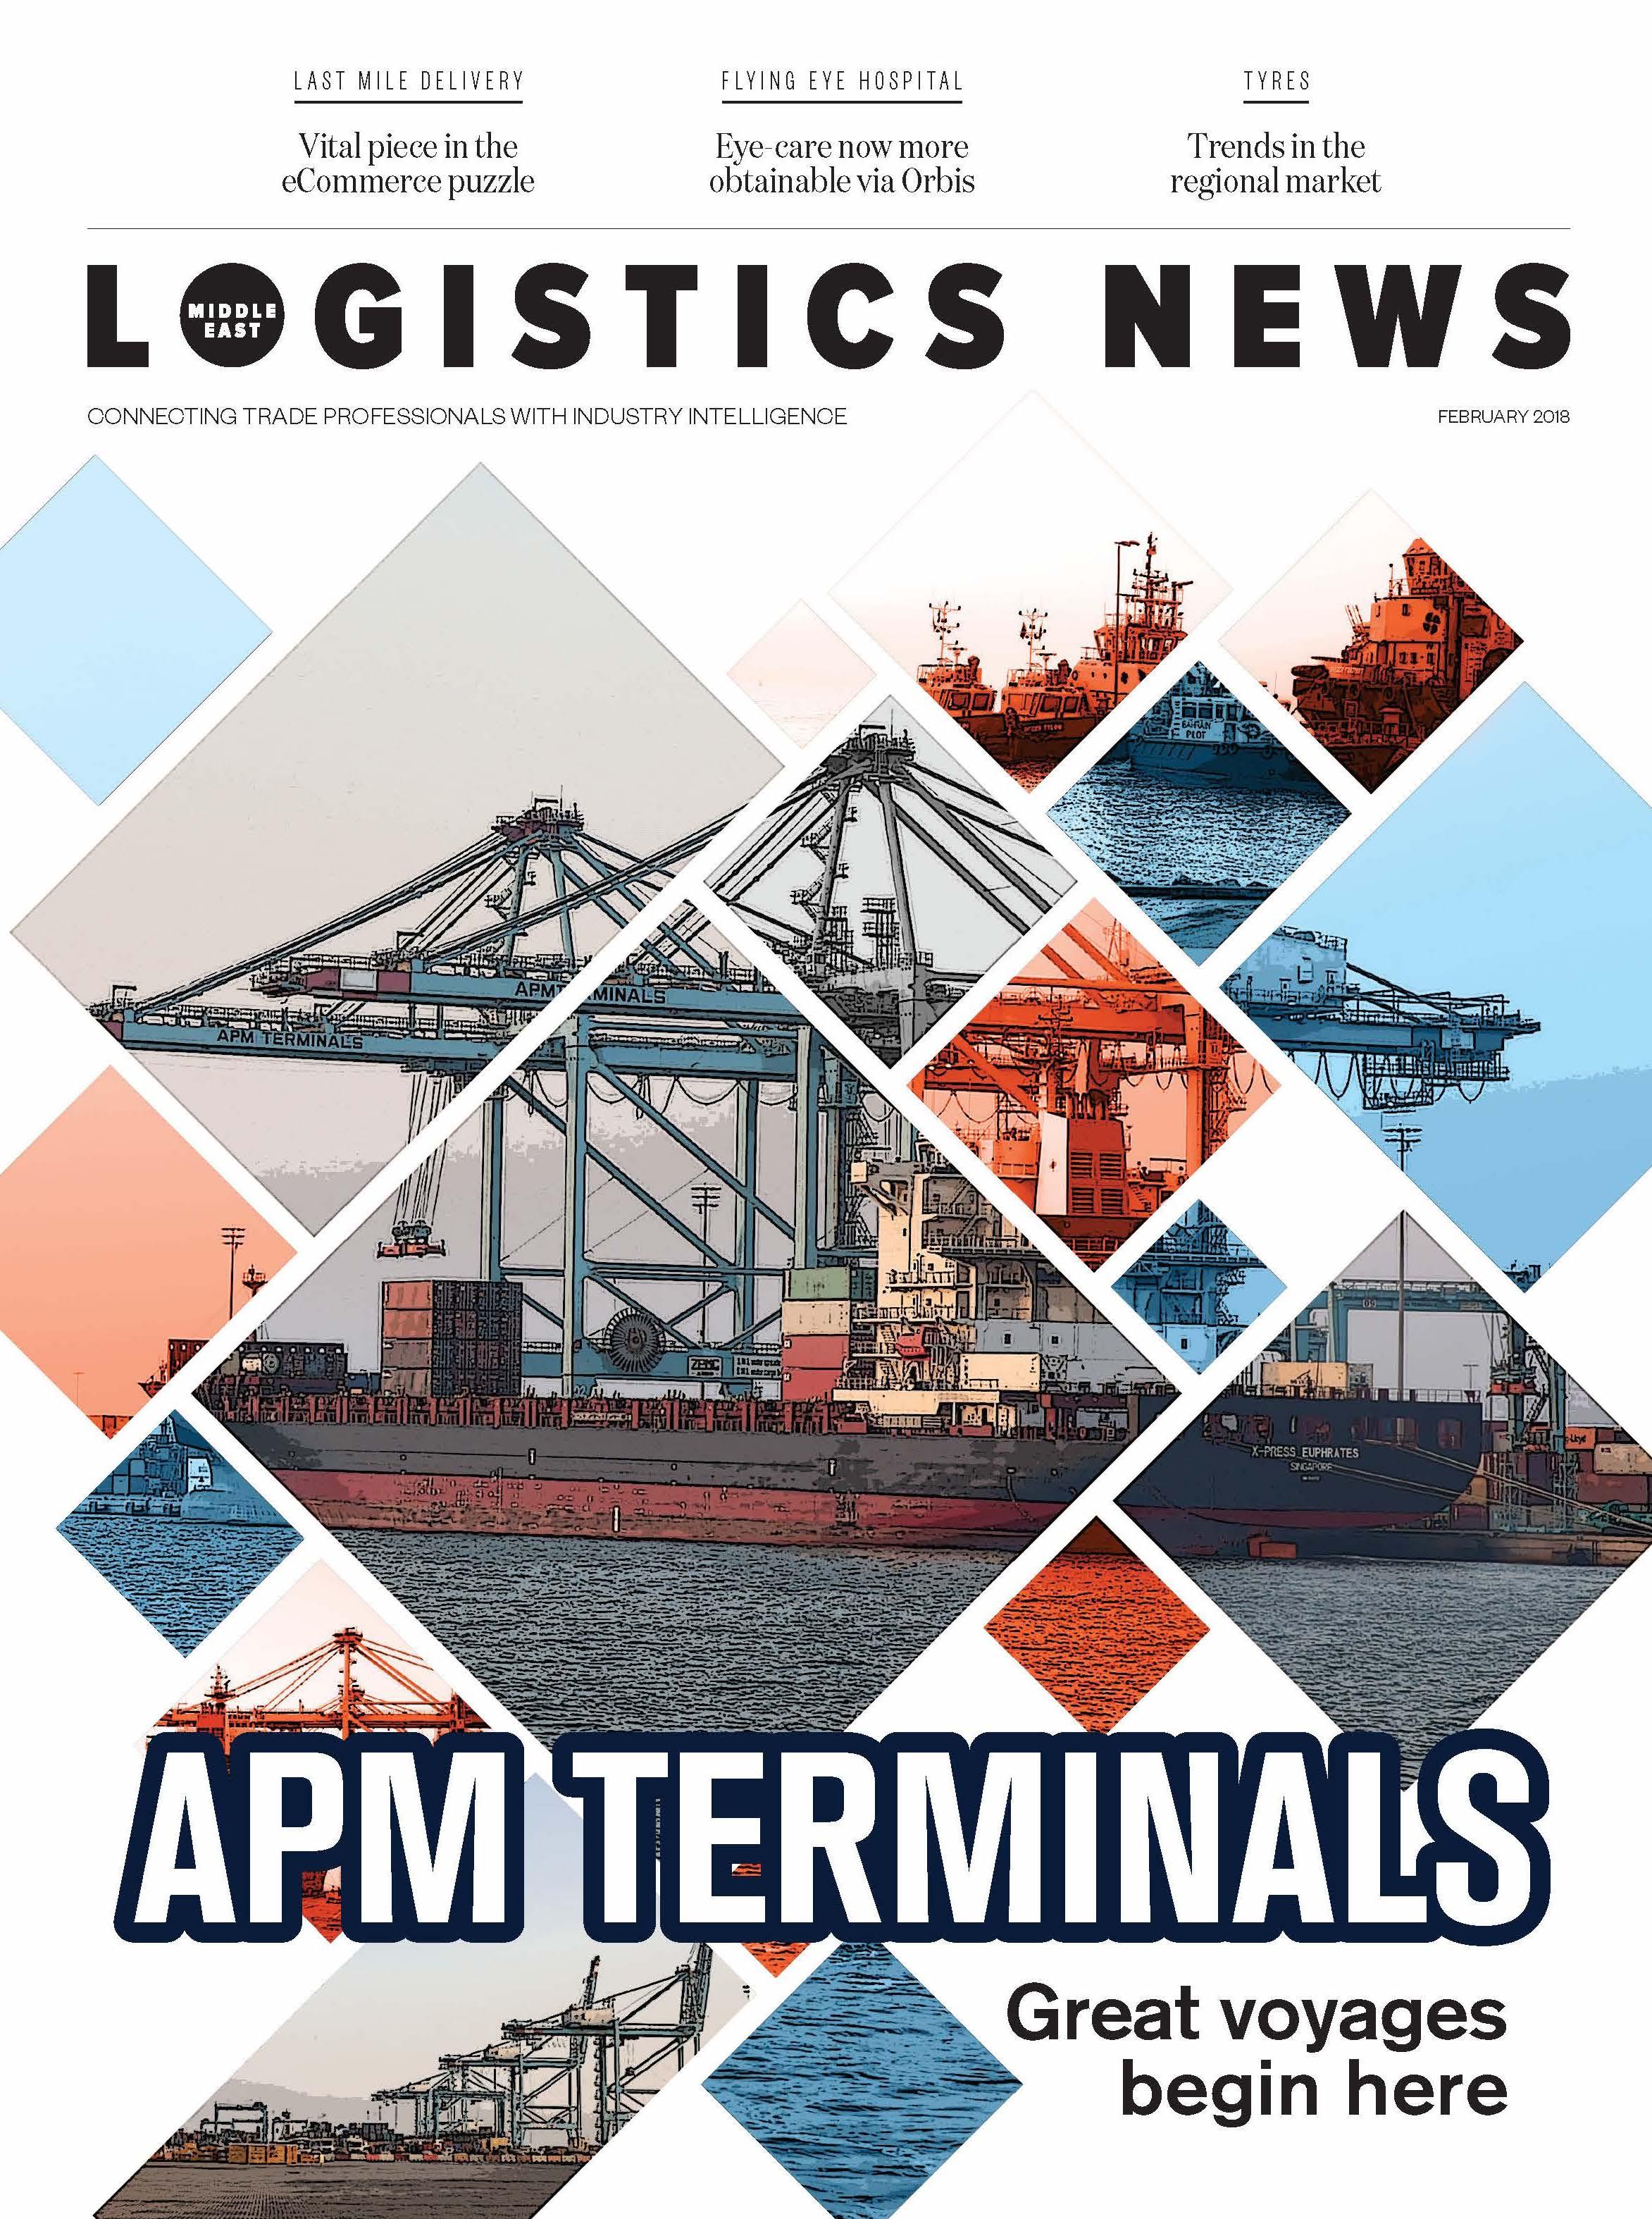 http://www.cbnme.com/magazines/logistics-news-me/logistics-news-me-february-2018/